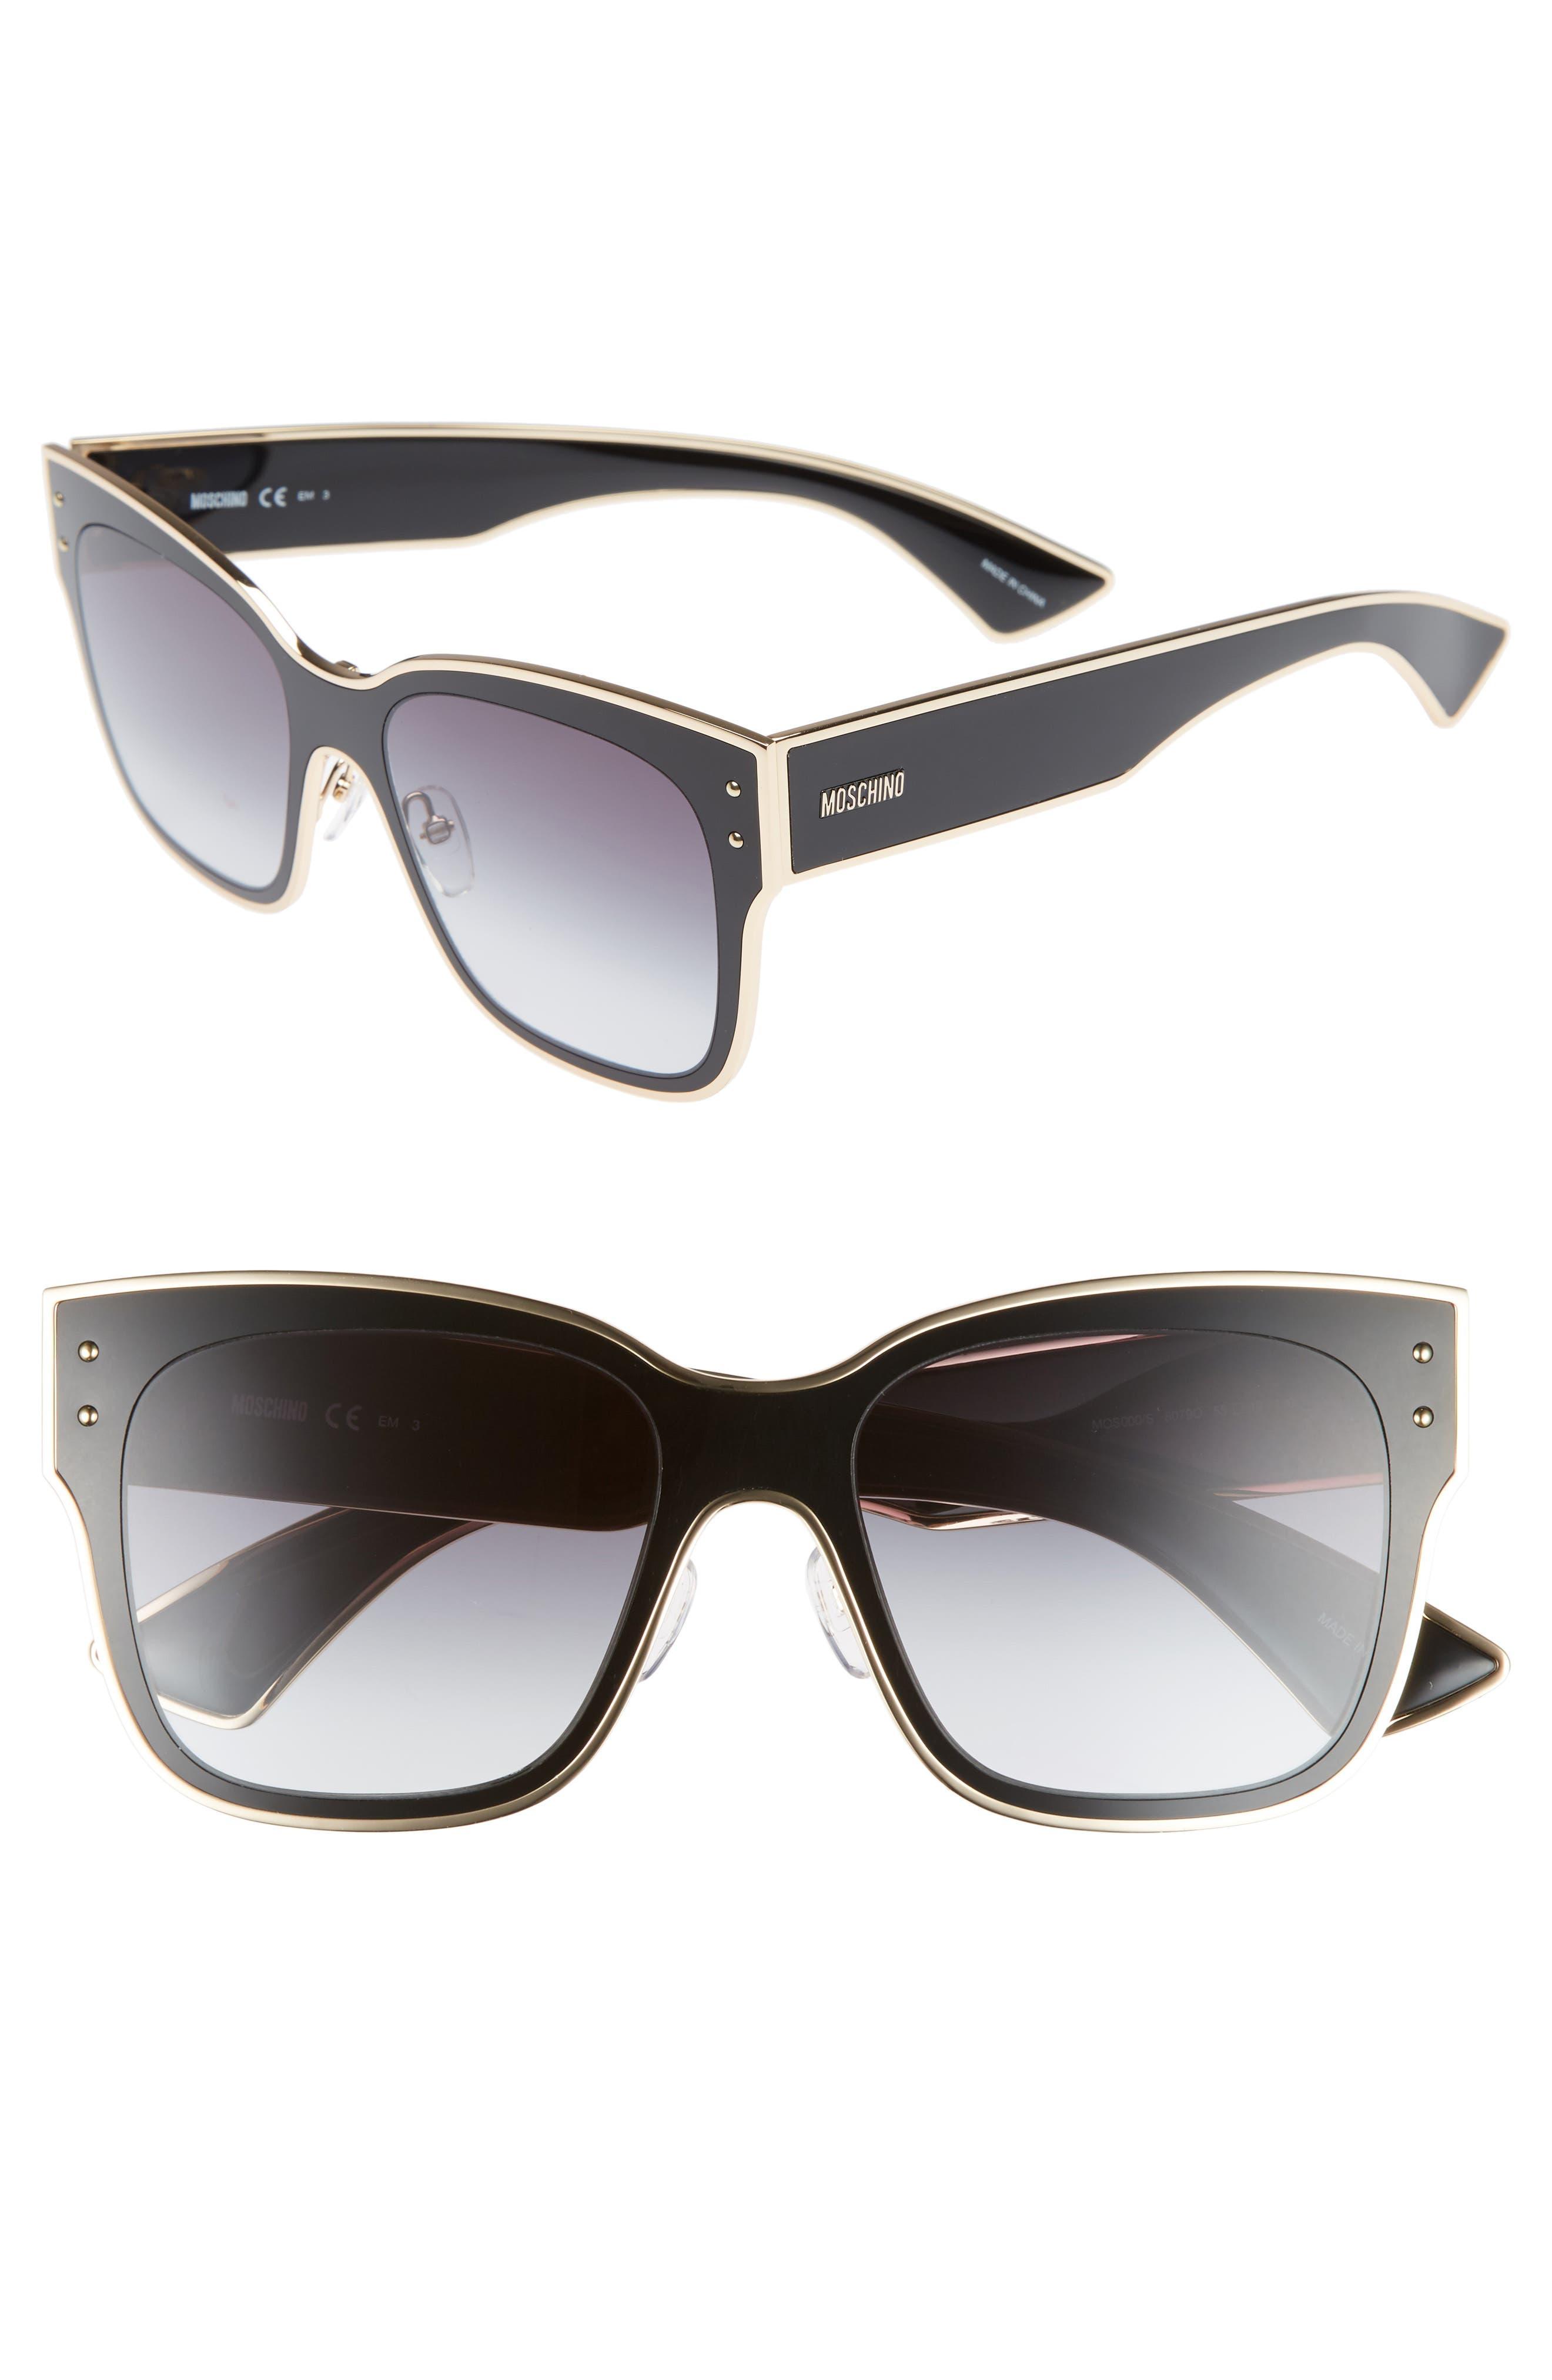 Moschino 55mm Cat Eye Sunglasses